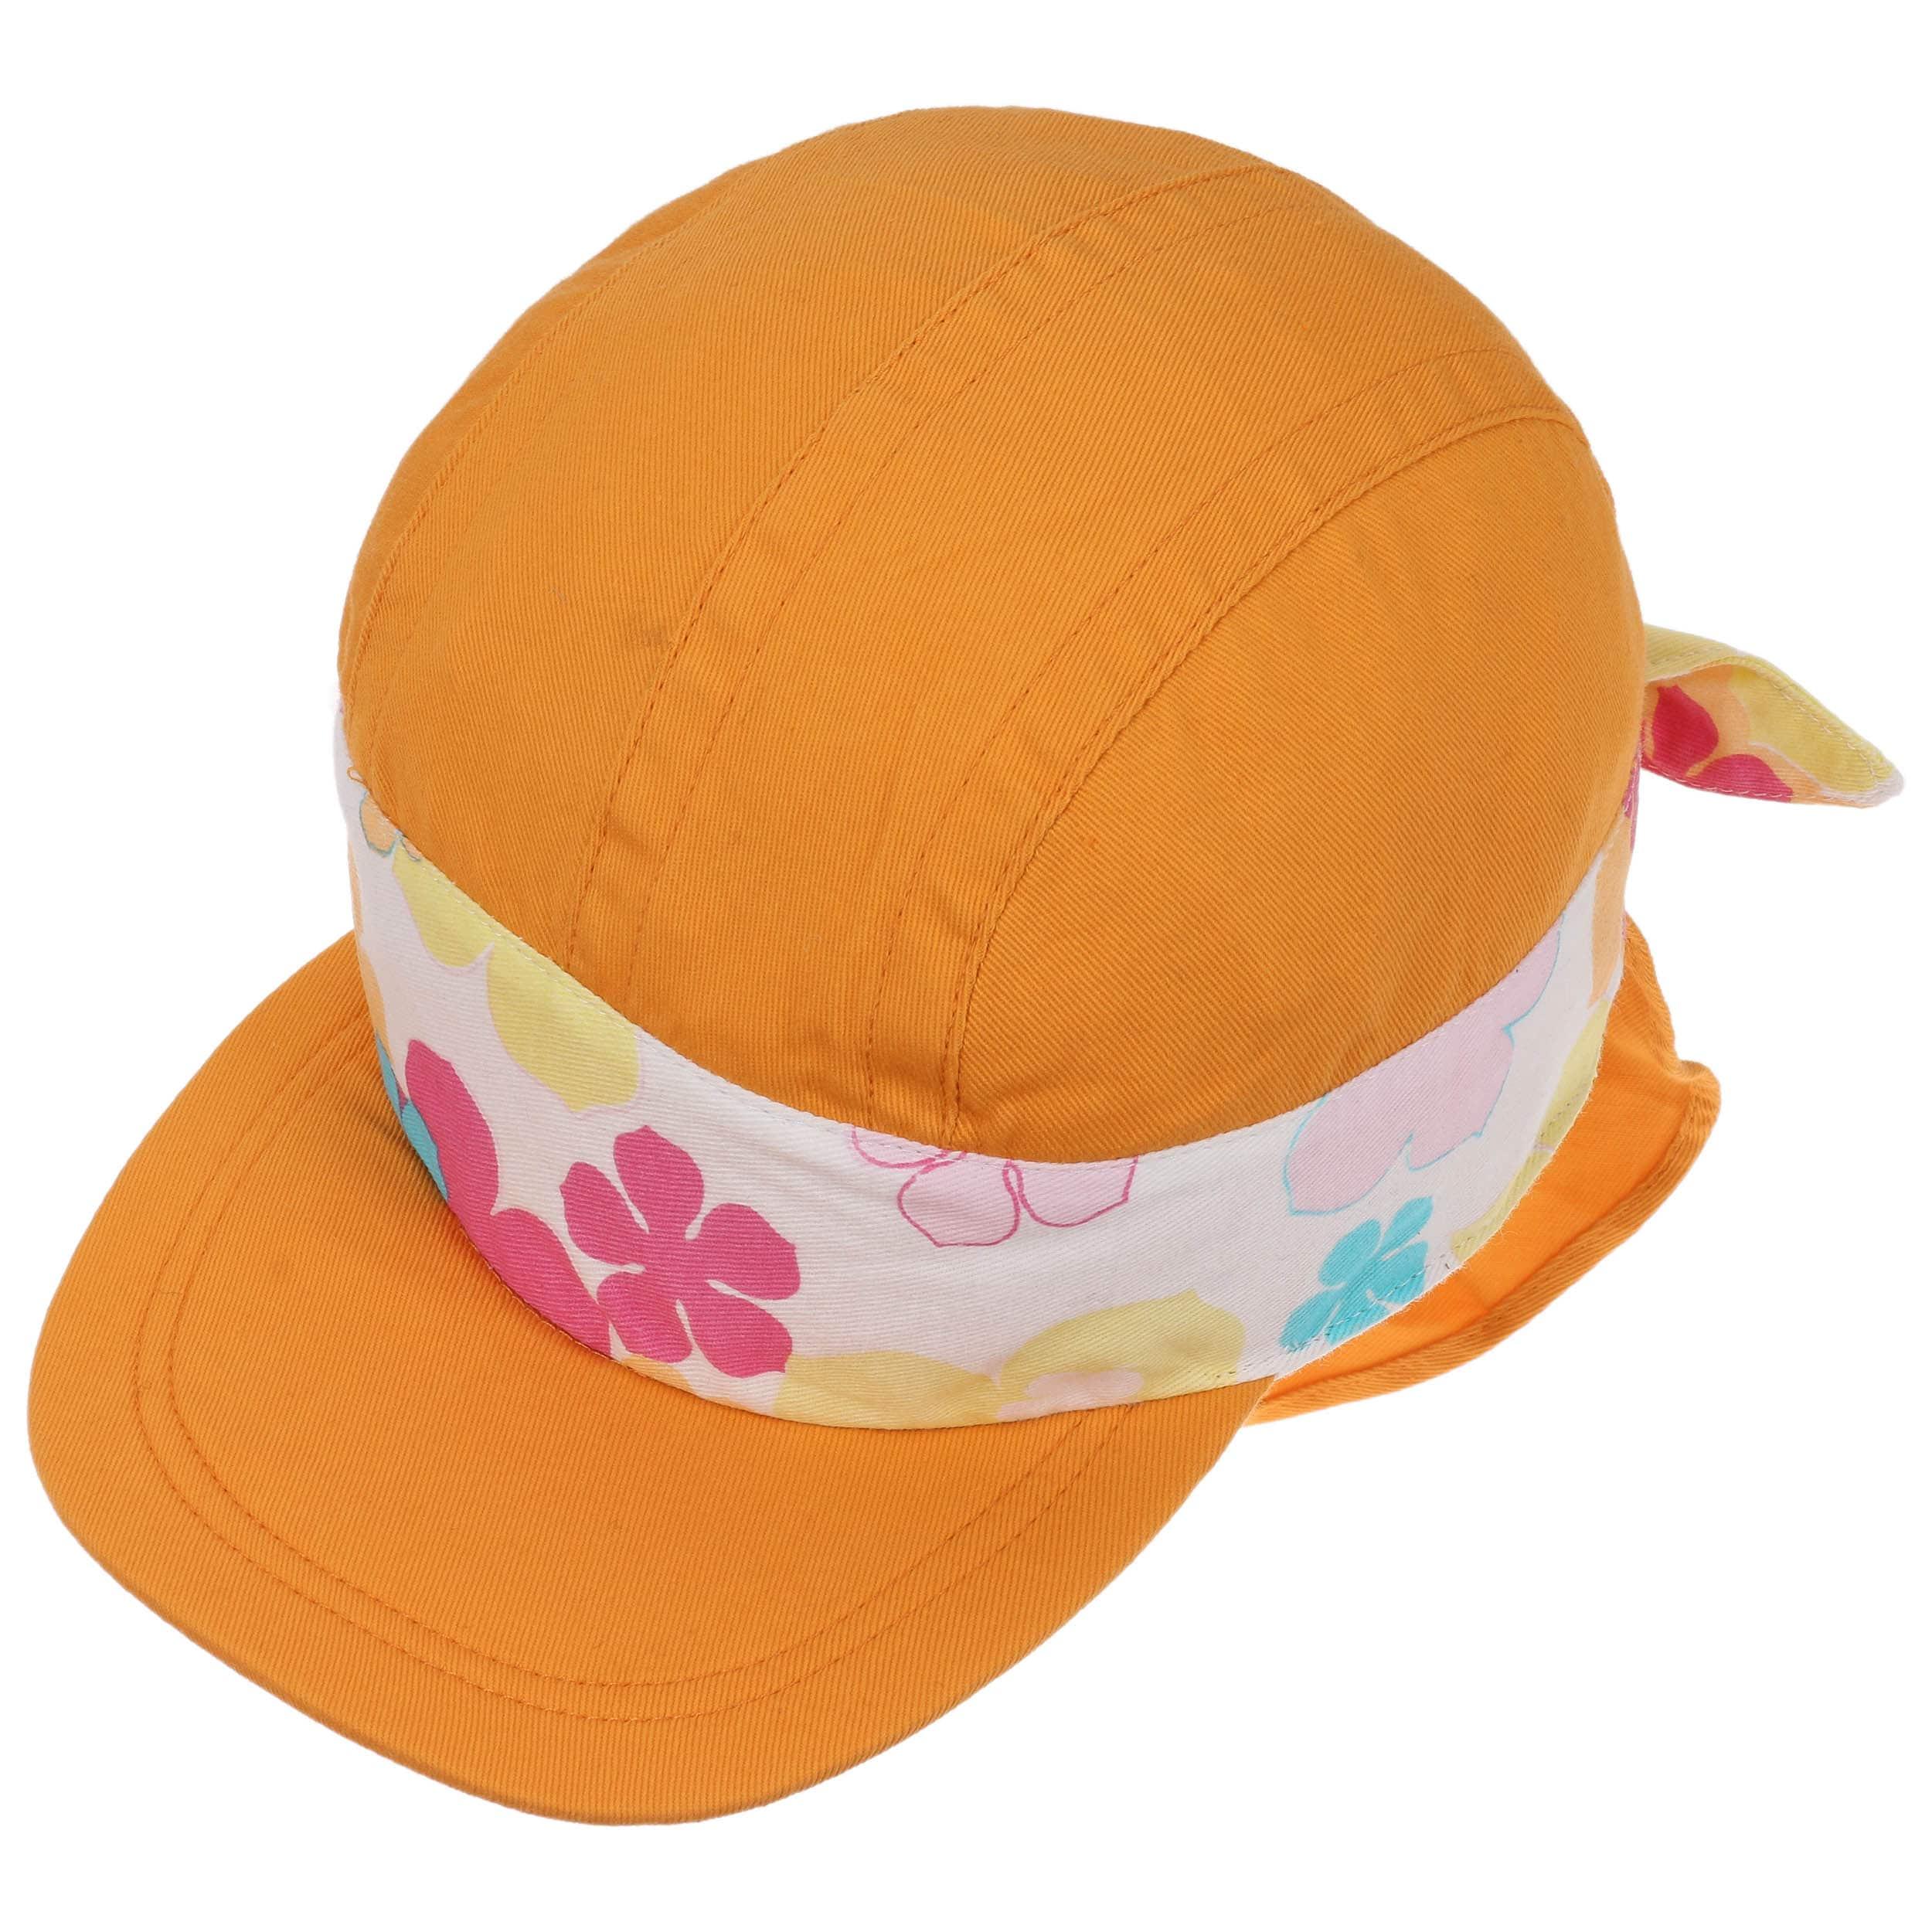 ... Cappellino da Bambino con Protezione Nuca - arancia 1 ... 5703eed40252